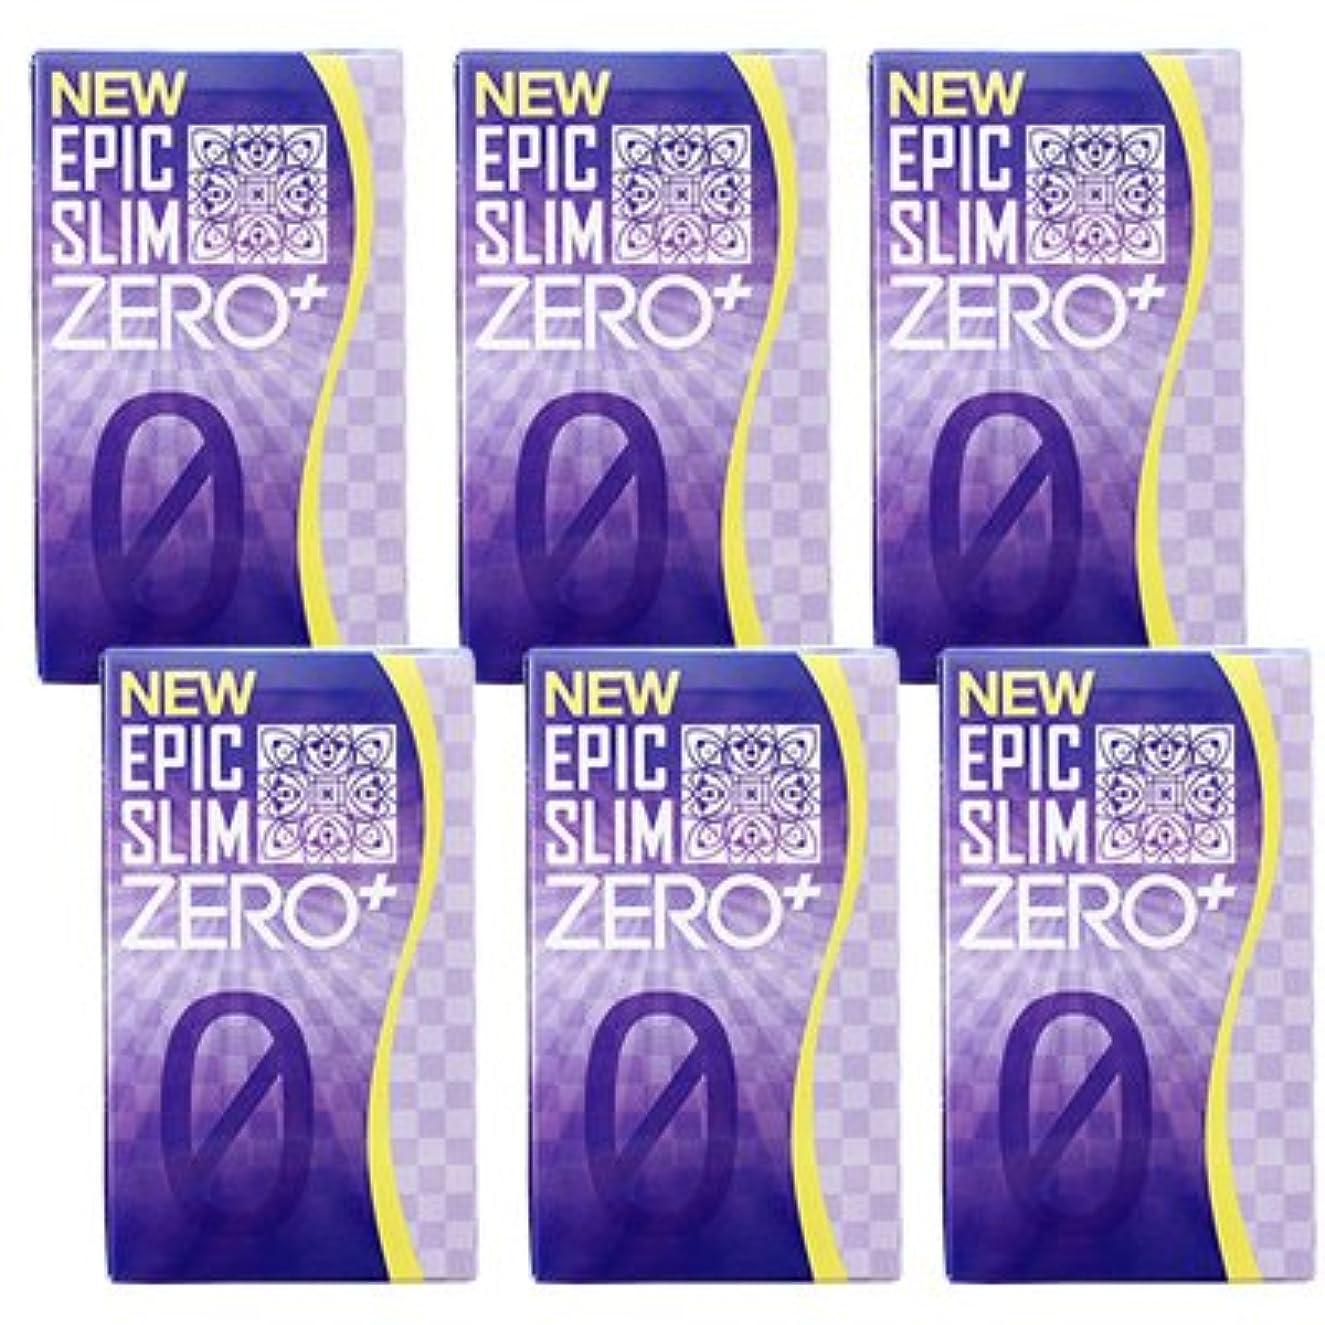 荷物聖職者専門用語NEW エピックスリム ゼロ+ 6個セット NEW Epic Slim ZERO PLUS